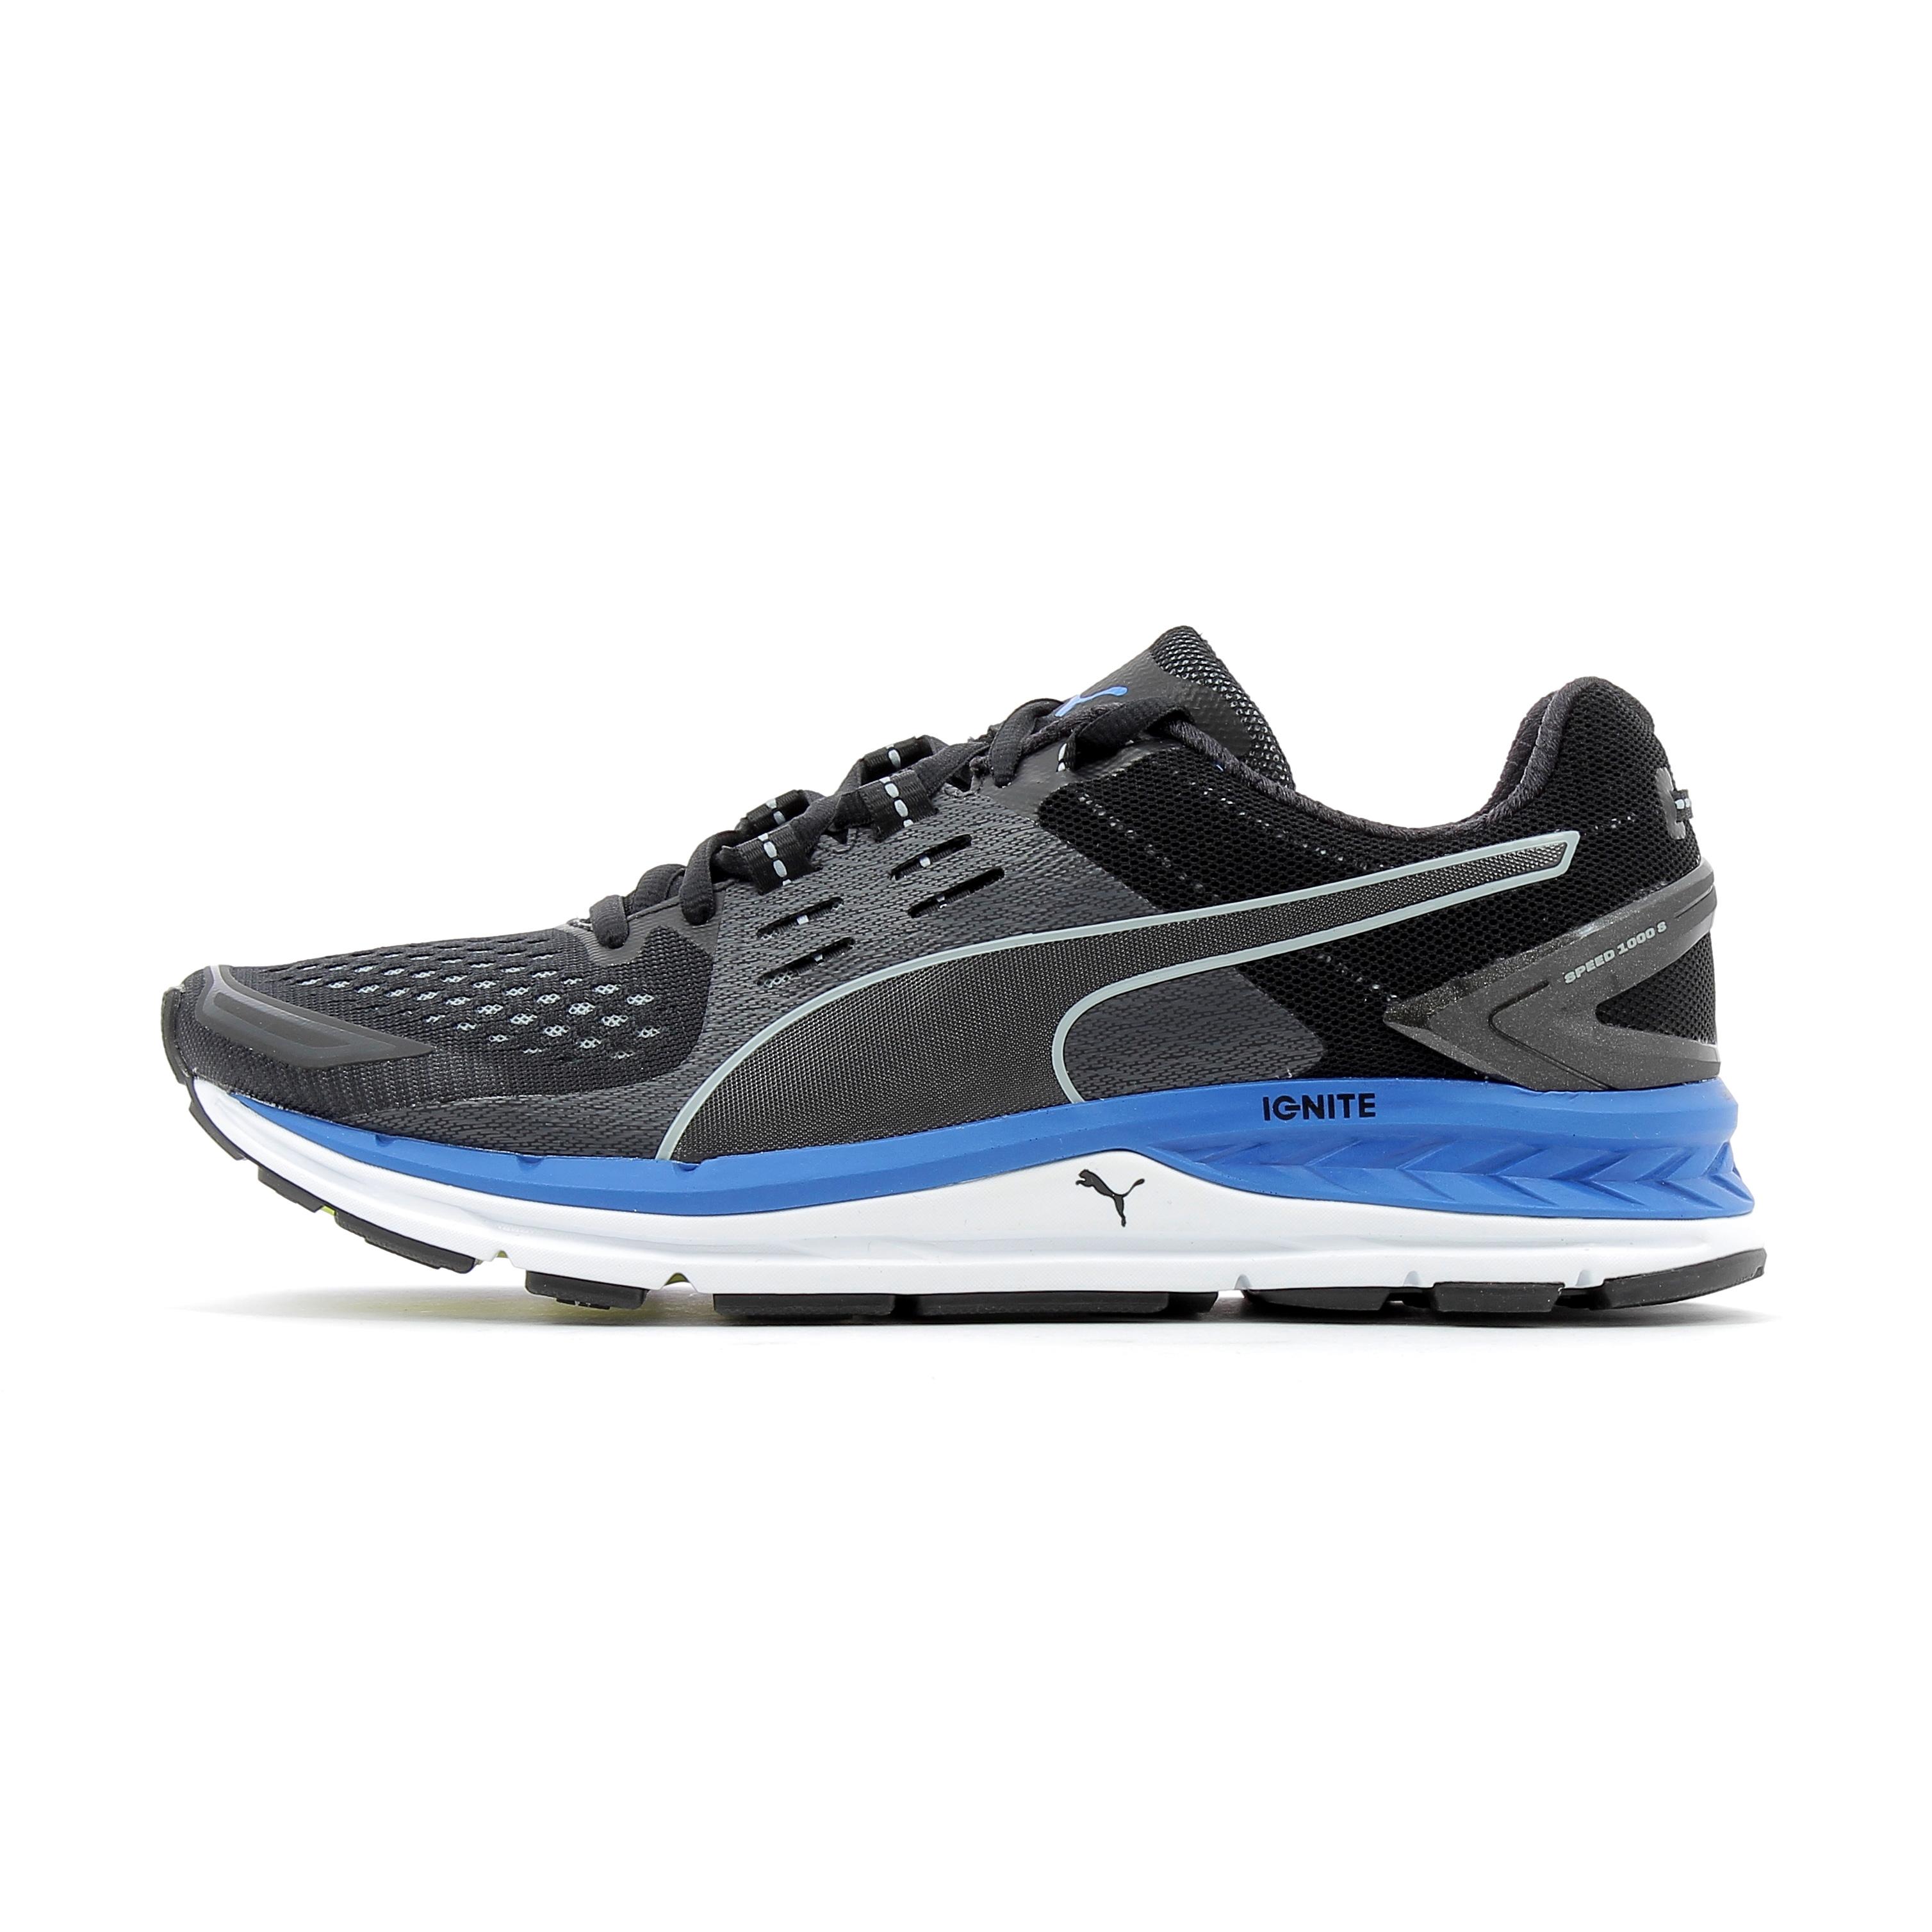 Speed Noir De Ignite 1000 Chaussures Running Puma S rdQxoeWECB